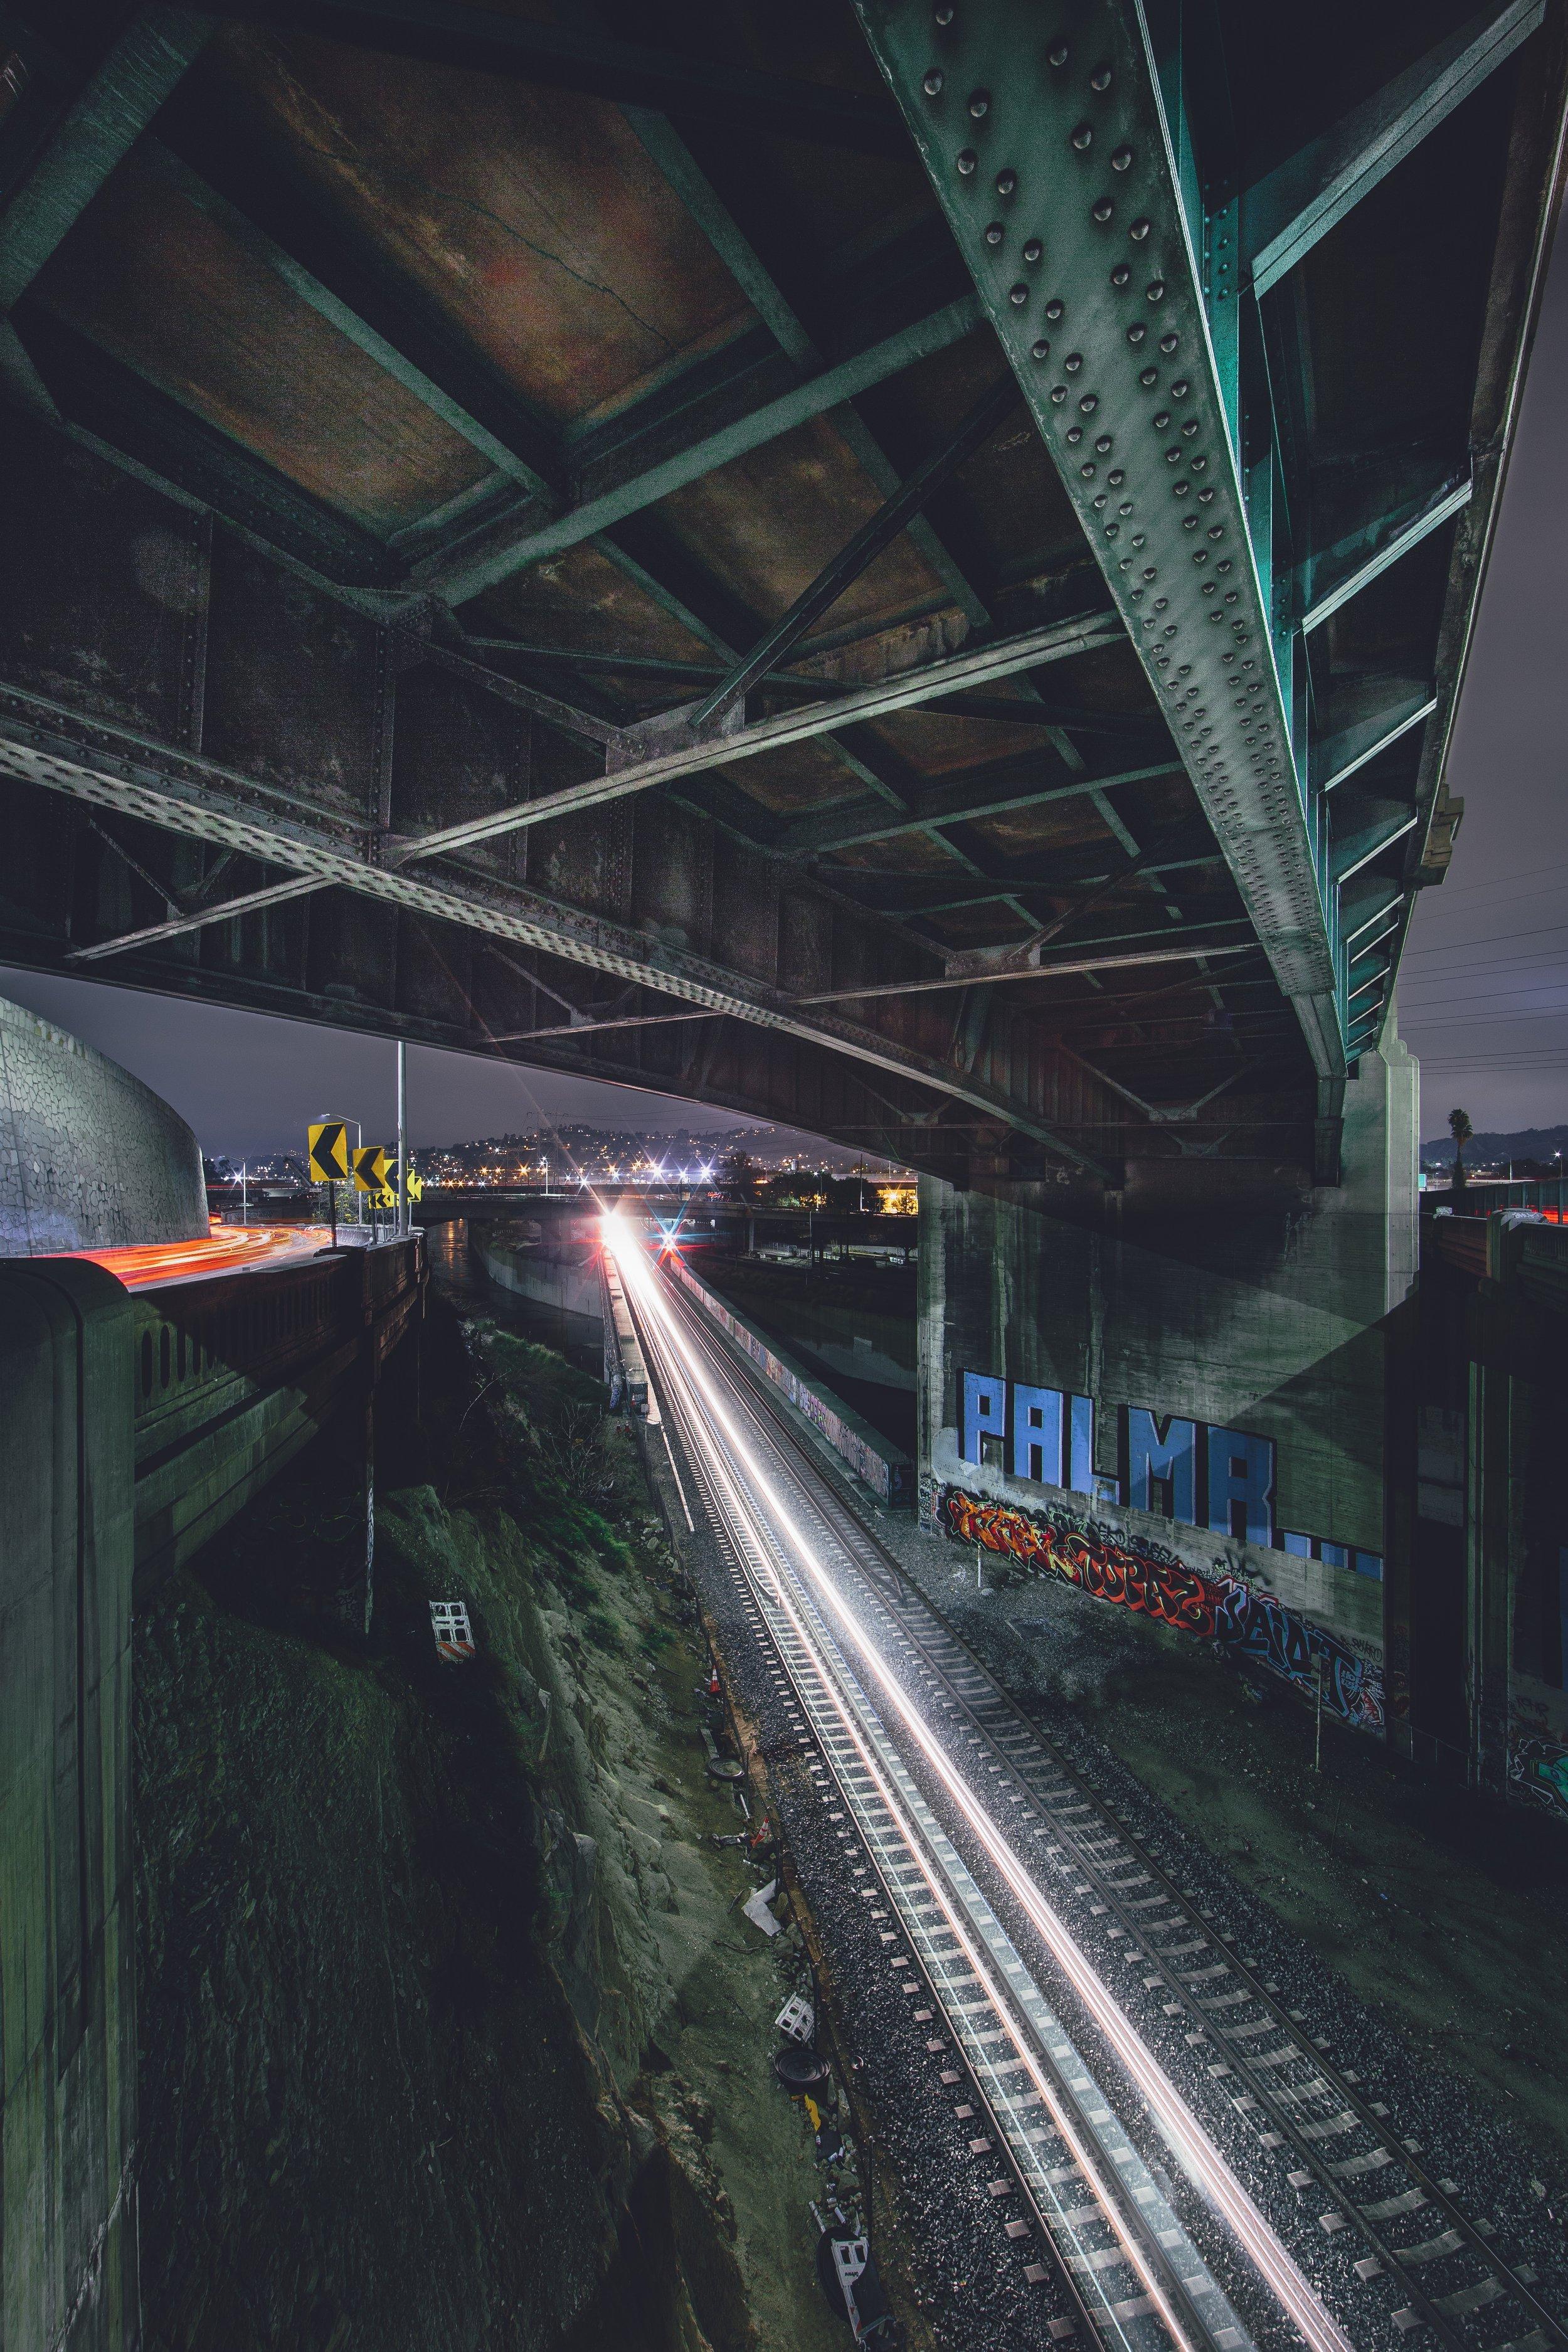 traintracks4-losangeles.jpg